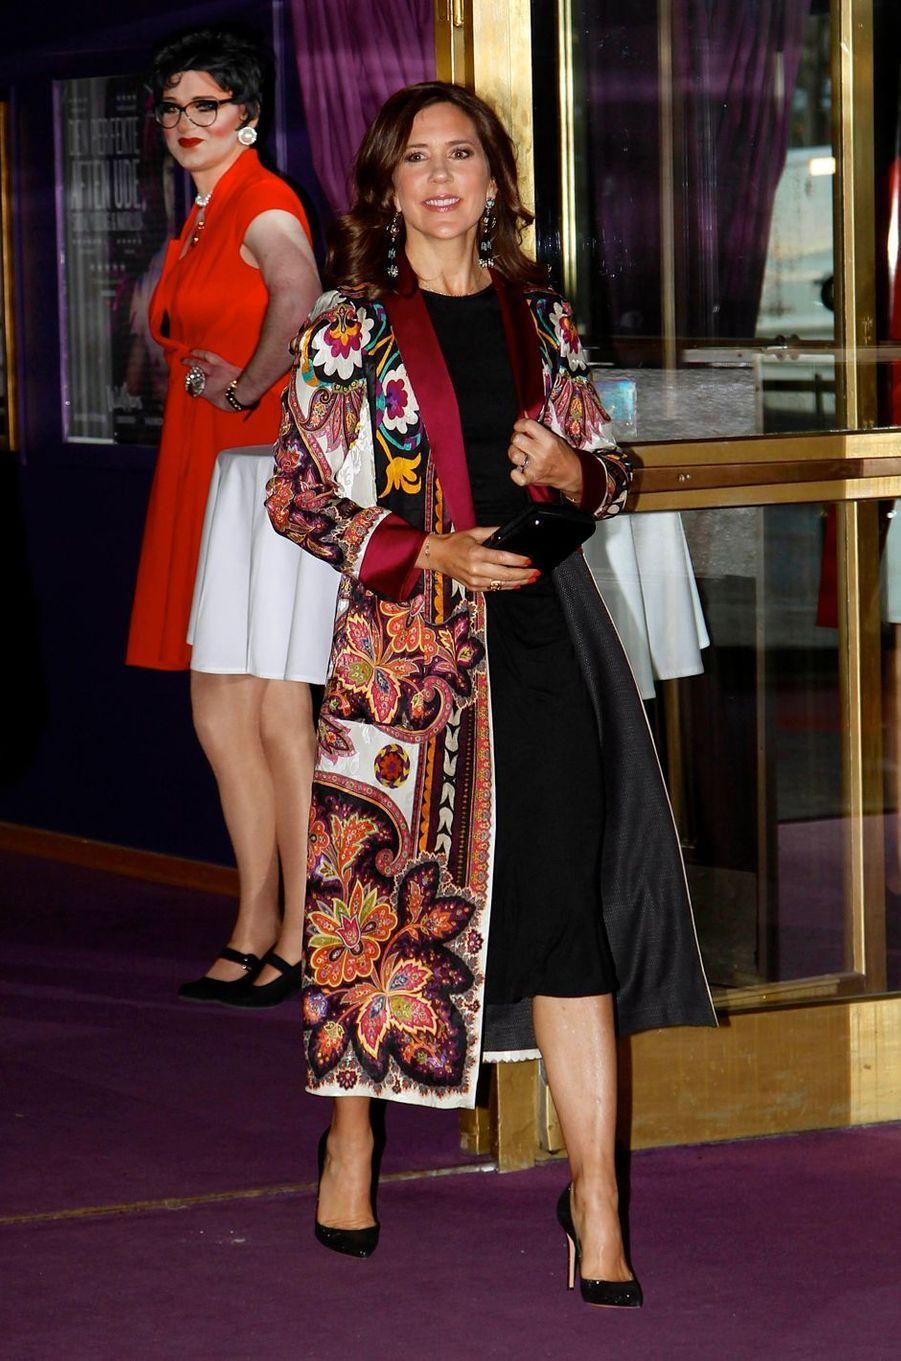 La princesse Mary de Danemark au Cirque à Copenhague, le 25 avril 2018